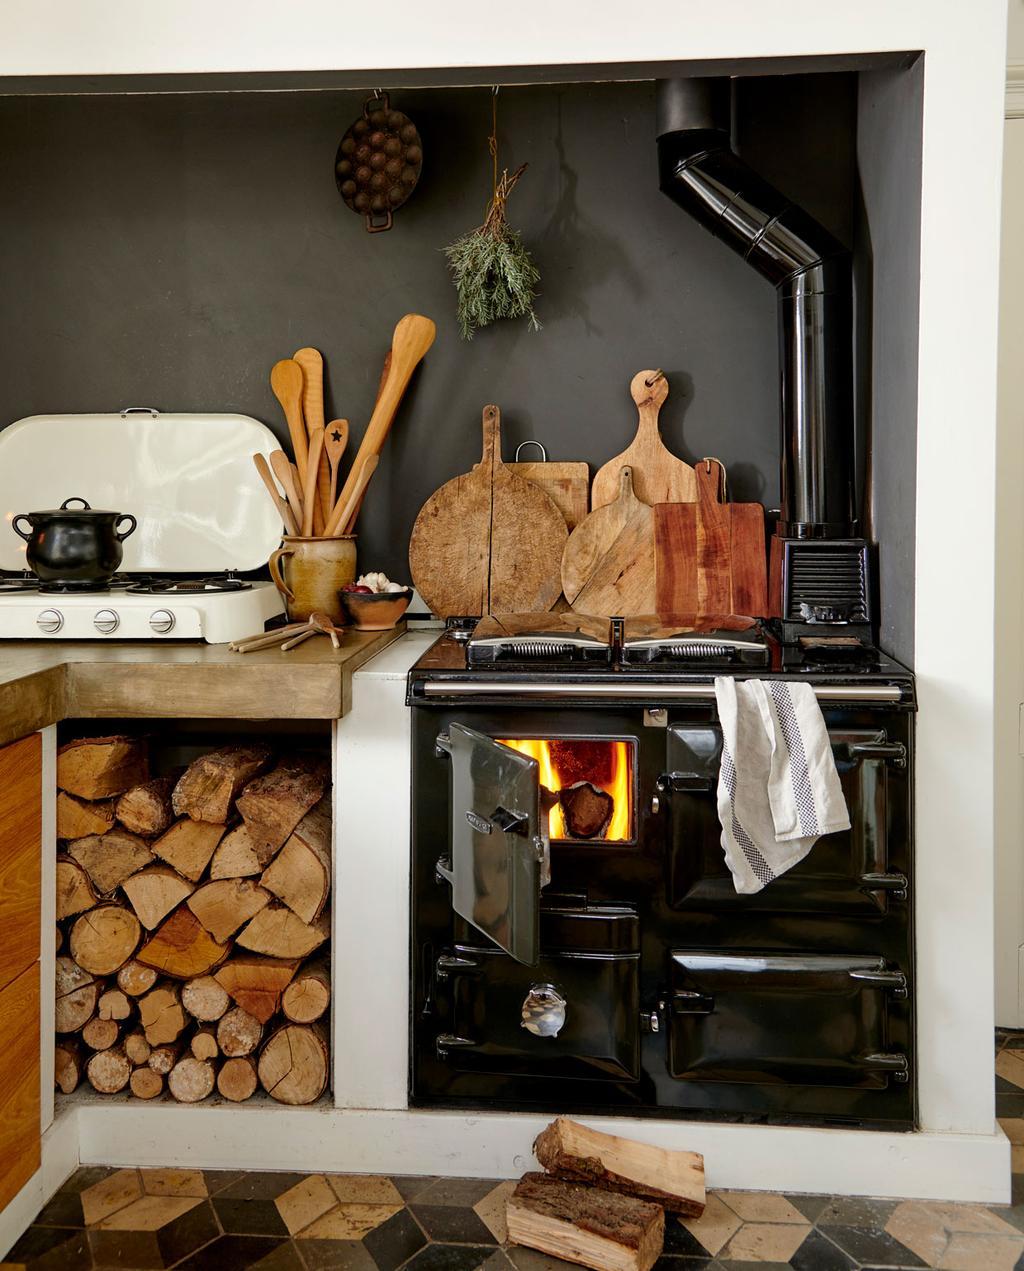 vtwonen 12-2019 | Binnenkijken in een boerderij in Aalten keuken zwart fornuis